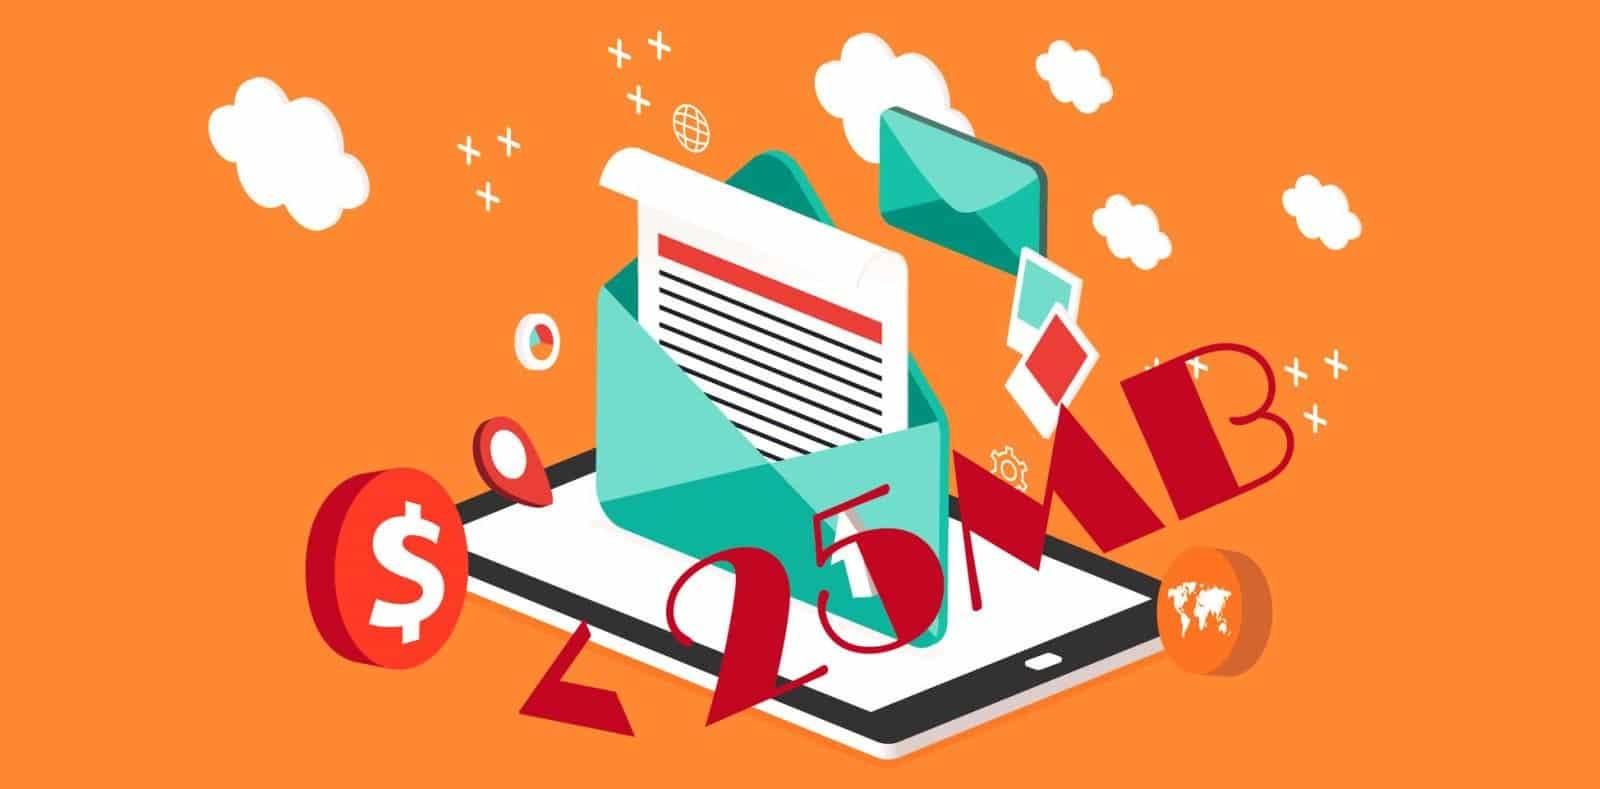 Tại sao Email lại giới hạn file đính kèm không quá 25MB?